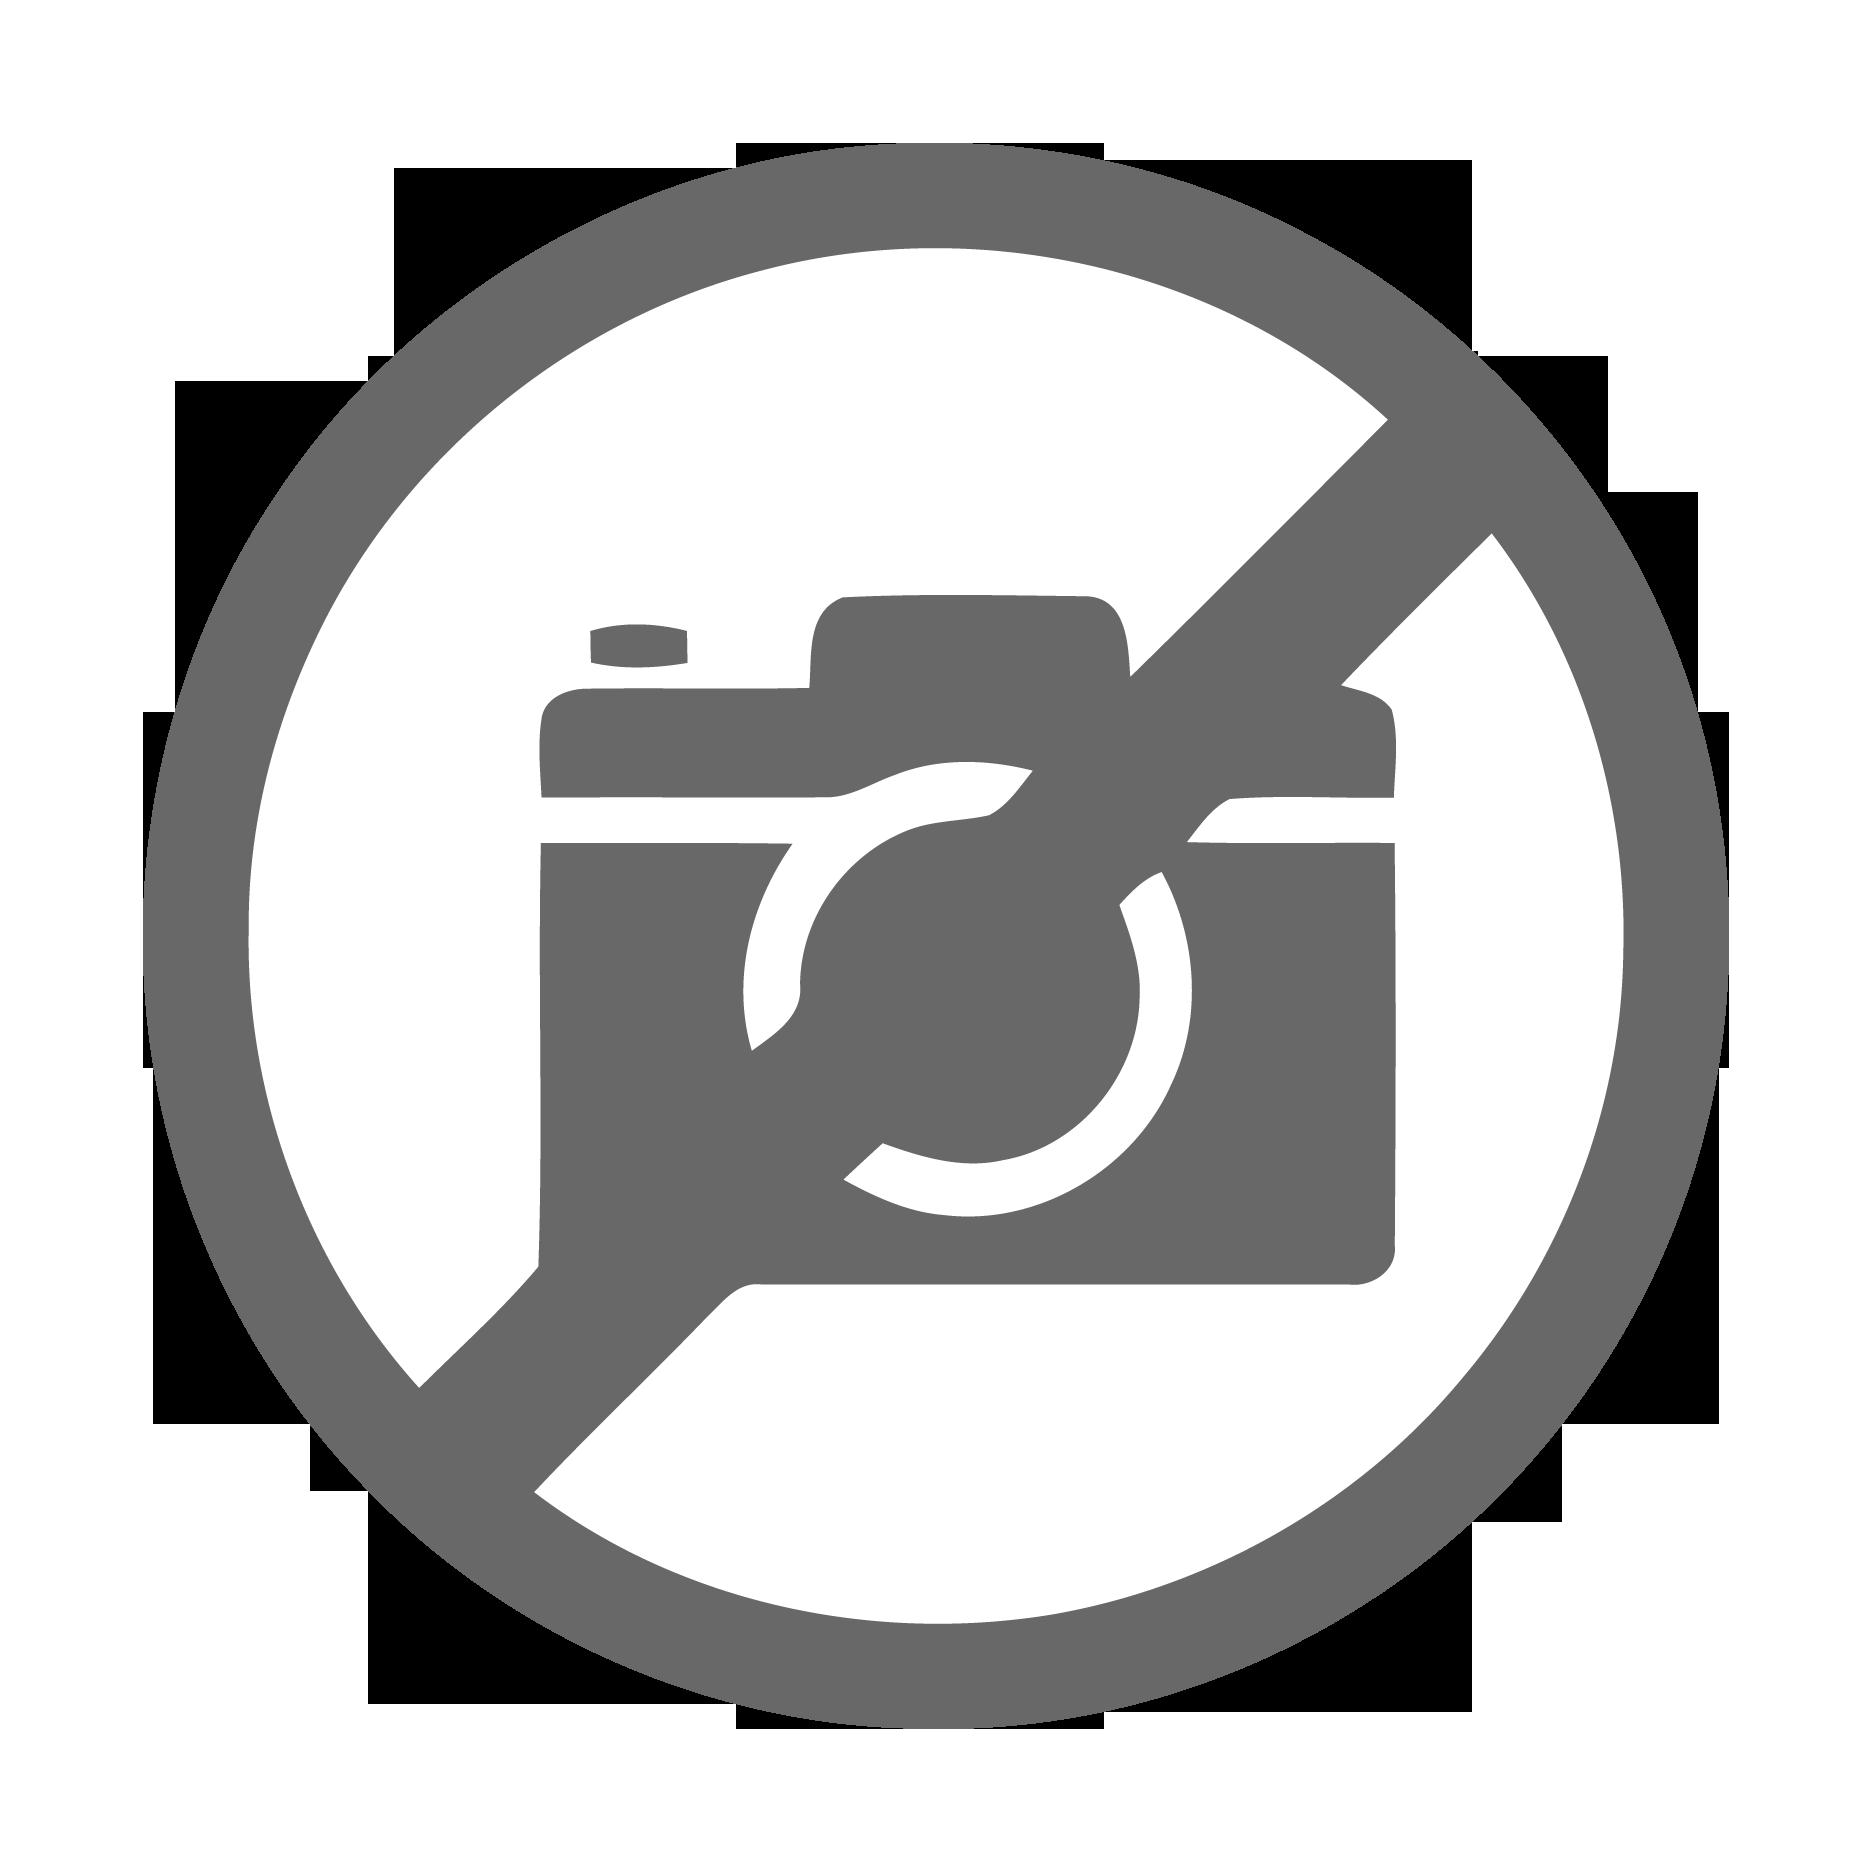 Factor Съборни